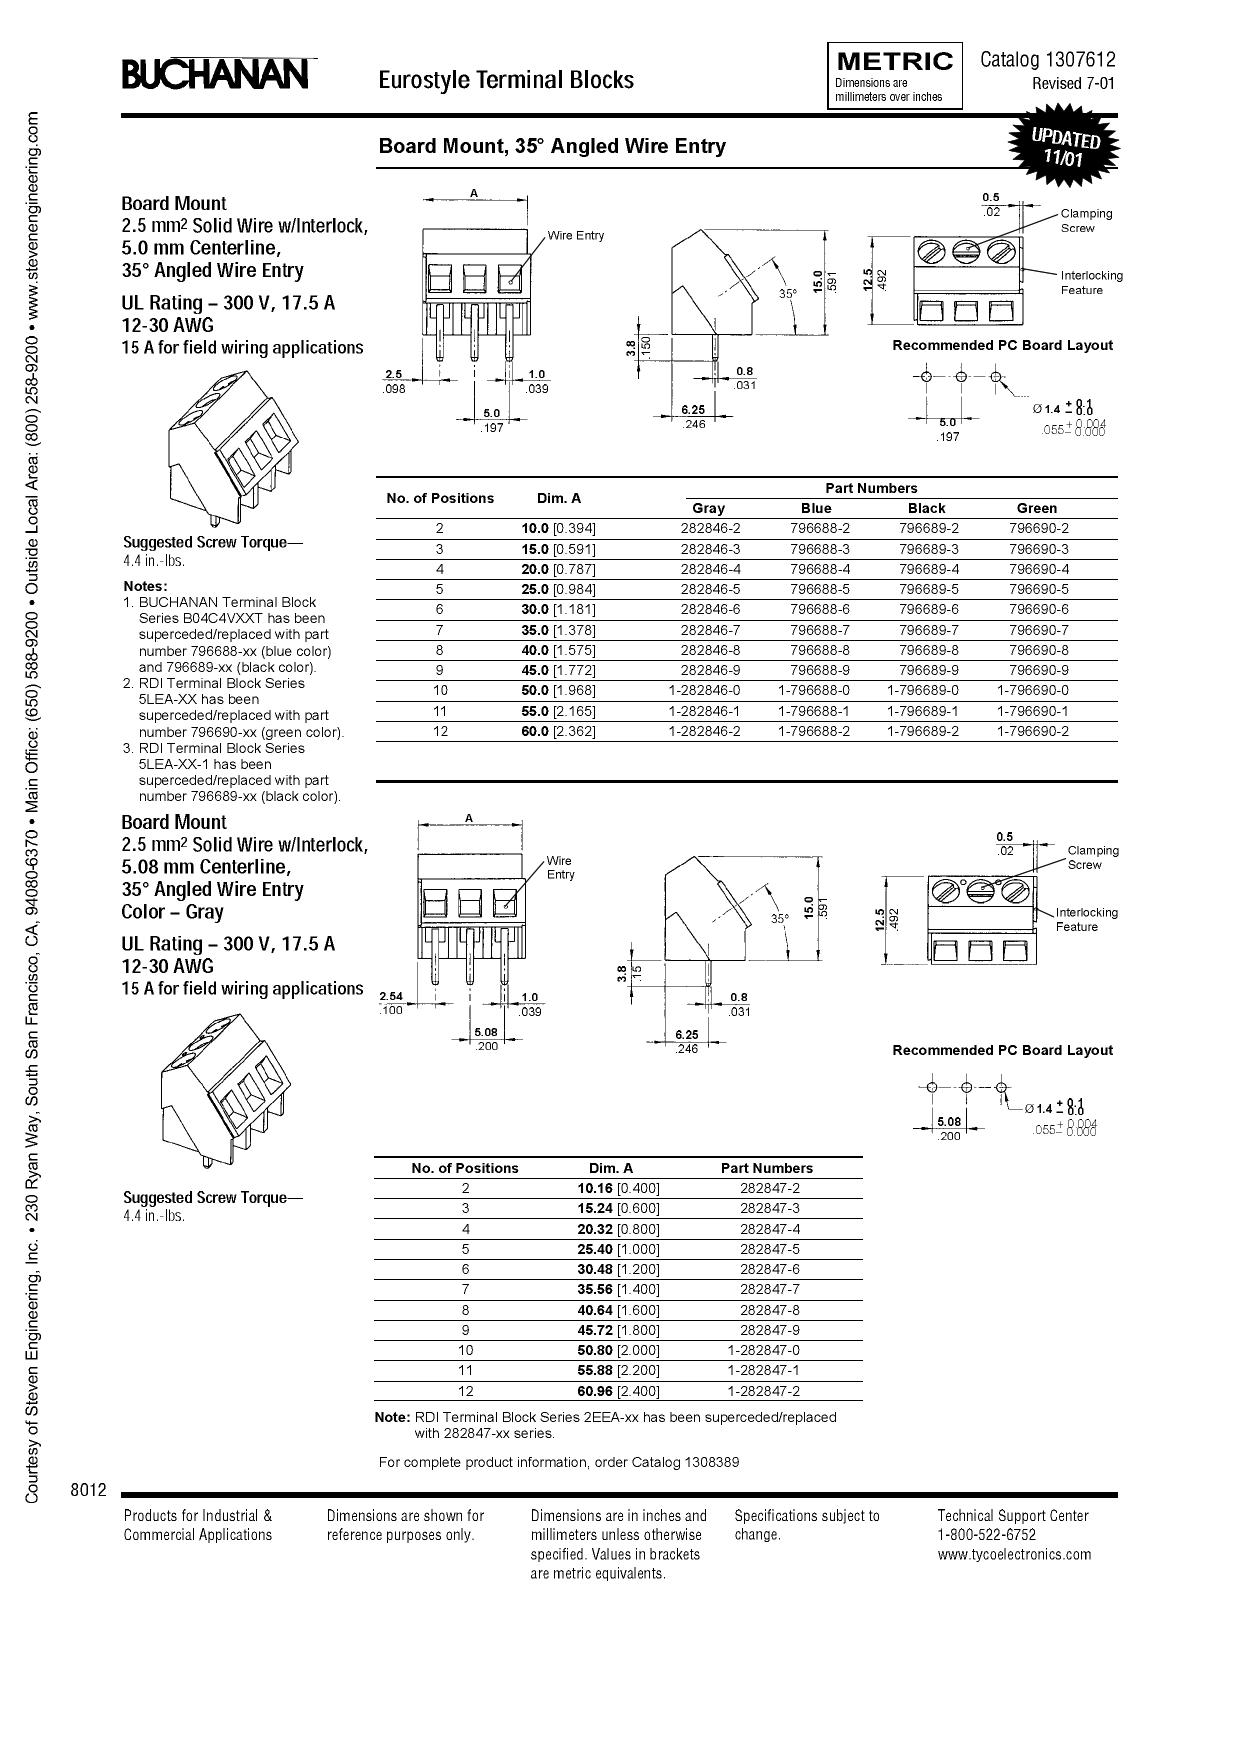 1-796689-x دیتاشیت PDF